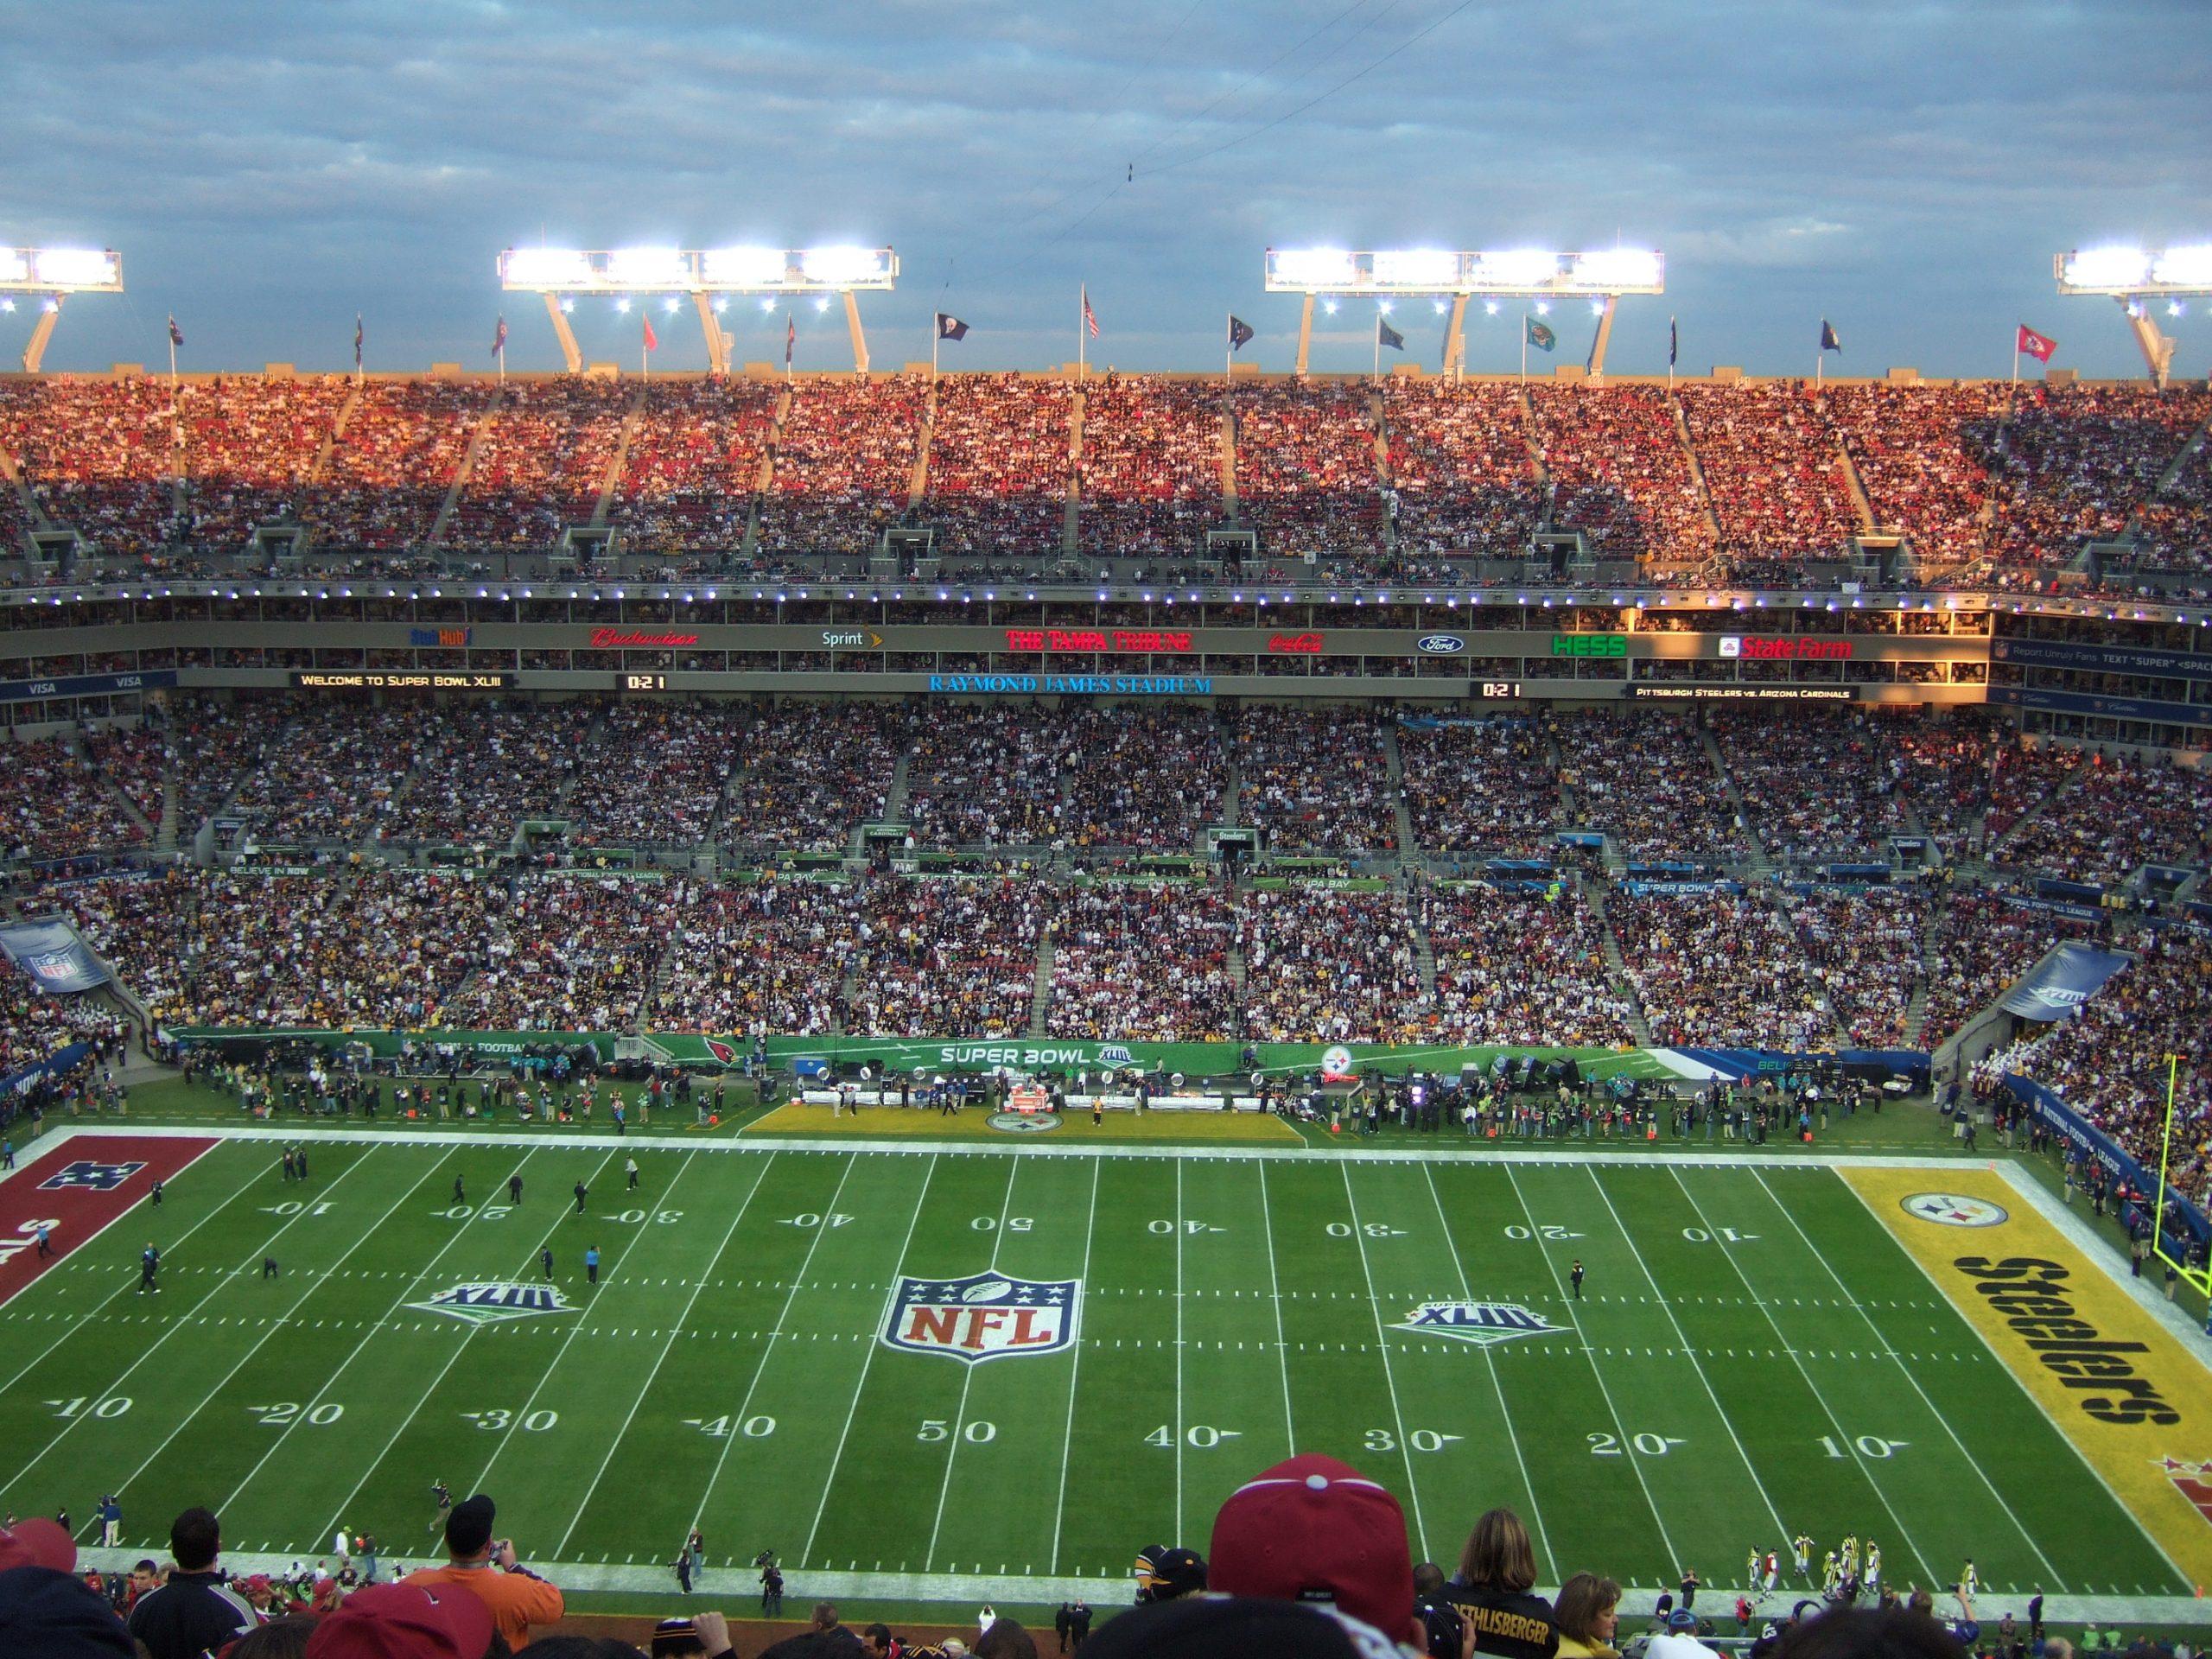 A pesar de que la pandemia causada por el coronavirus no ha terminado algunos eventos han recuperado poco a poco algo de su brillo. Entre ellos el Super Bowl, el partido de futbol americano más importante del año, que se jugará en el estadio Raymond James en Tampa Florida.